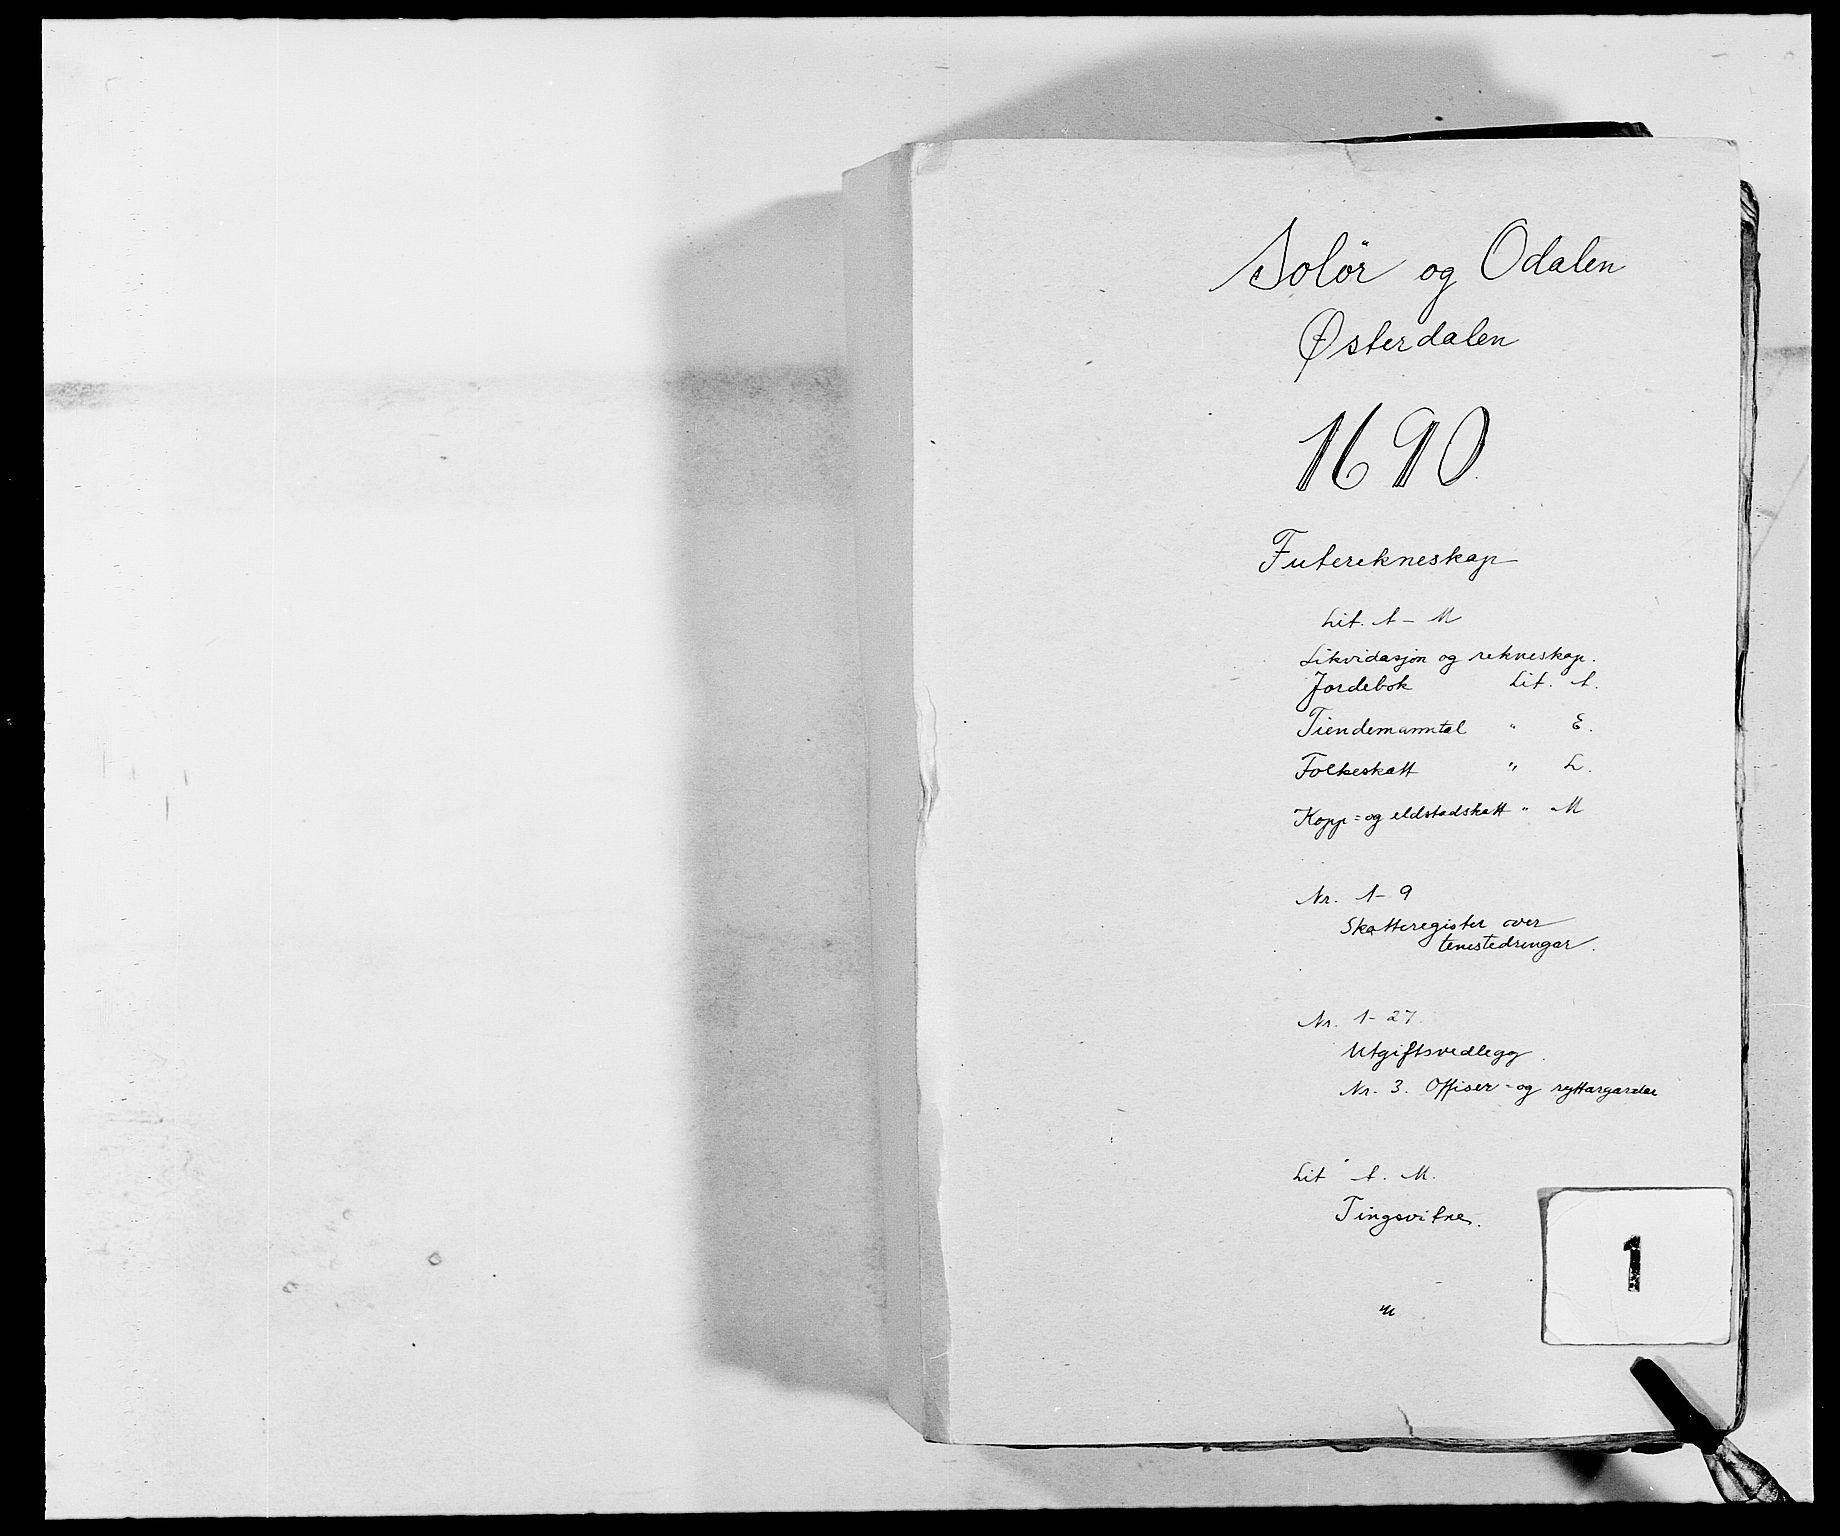 RA, Rentekammeret inntil 1814, Reviderte regnskaper, Fogderegnskap, R13/L0828: Fogderegnskap Solør, Odal og Østerdal, 1690, s. 1